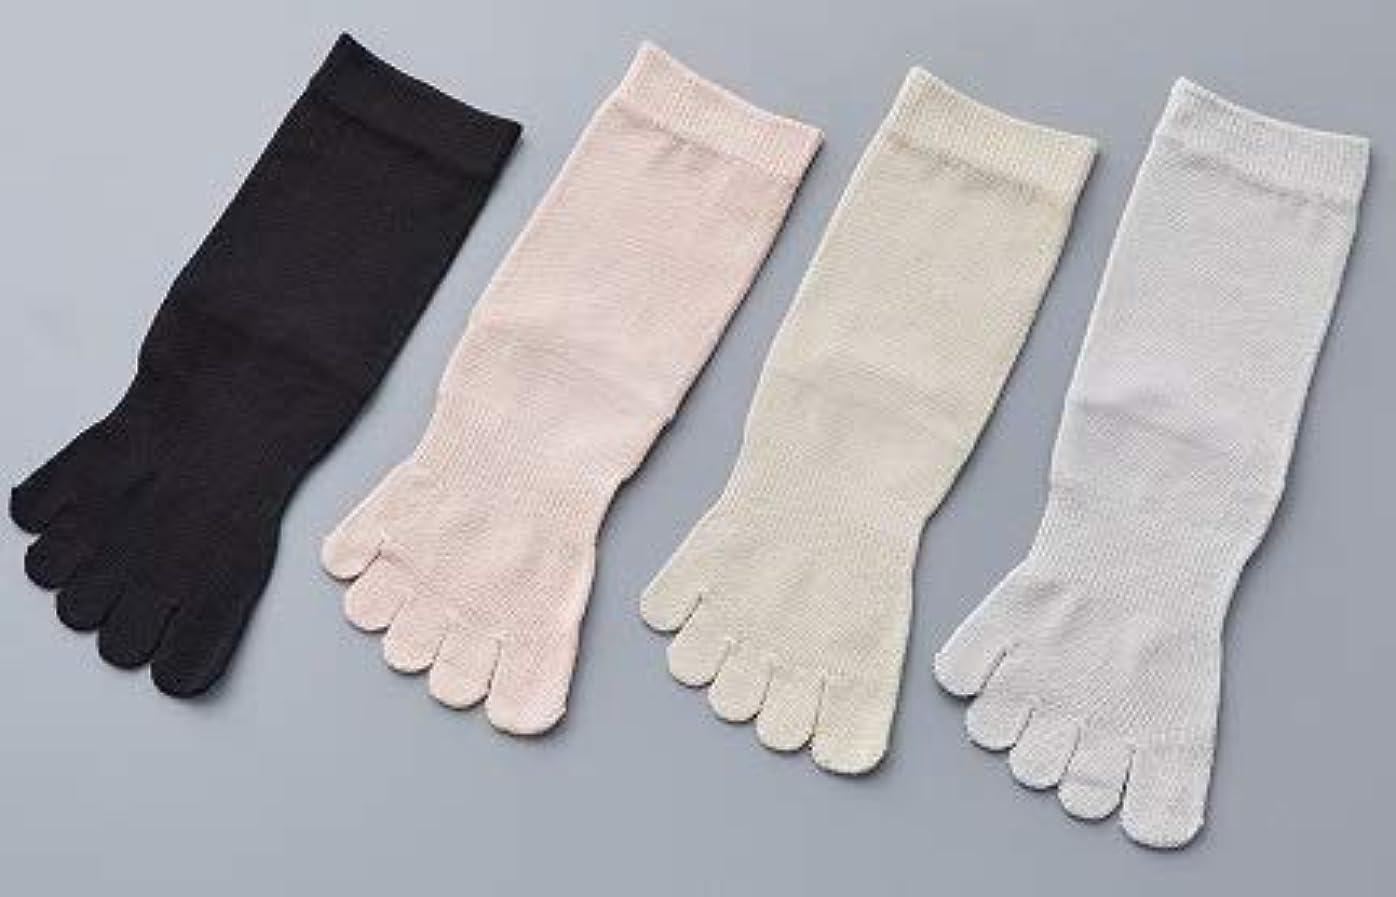 金銭的な成熟正気婦人 シルク 5本指 靴 下最高級 シルク100% 使用 プレゼントに最適 22-24cm 太陽ニット S90 (ベージュ)